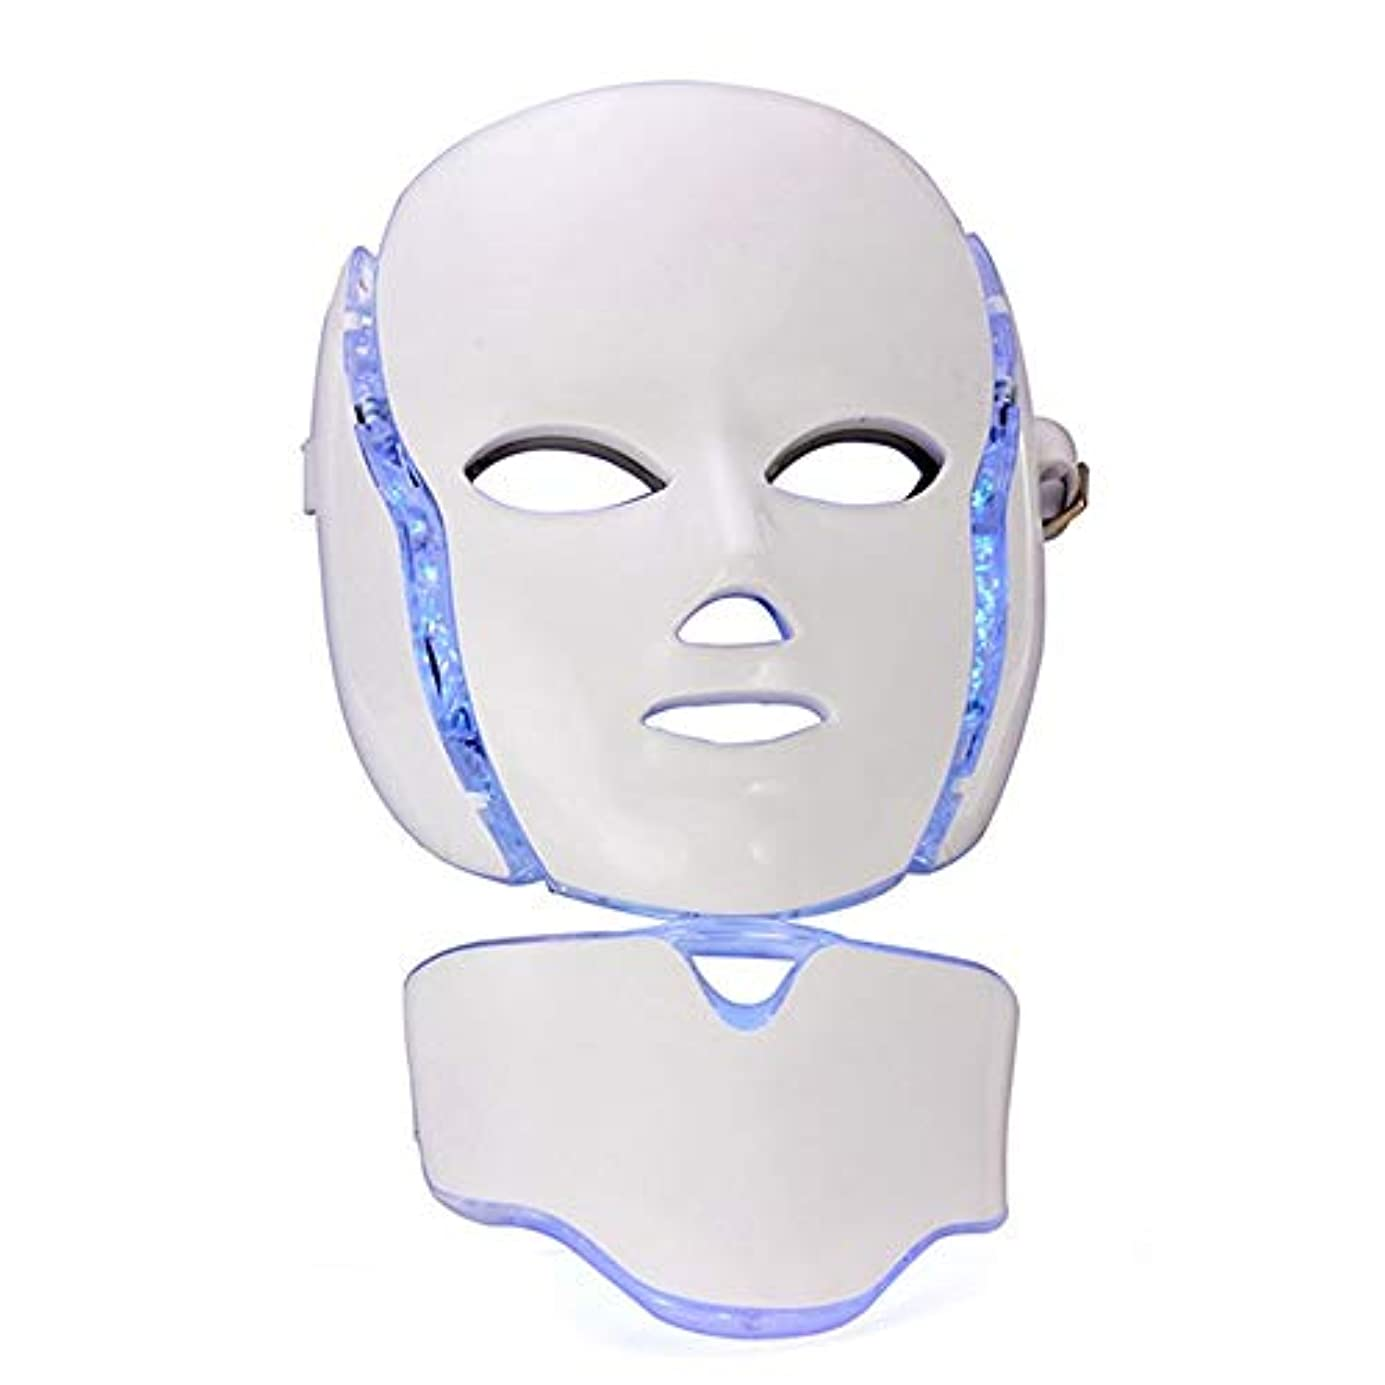 一瞬不適敬礼ライトセラピーマスクは、ライトセラピーは首にきび治療7色フォトンフェイスマスクマシンはホワイトニングと肌の若返りライトセラピーにきびマスクディープリペアアンチエイジングマスク (Color : White)